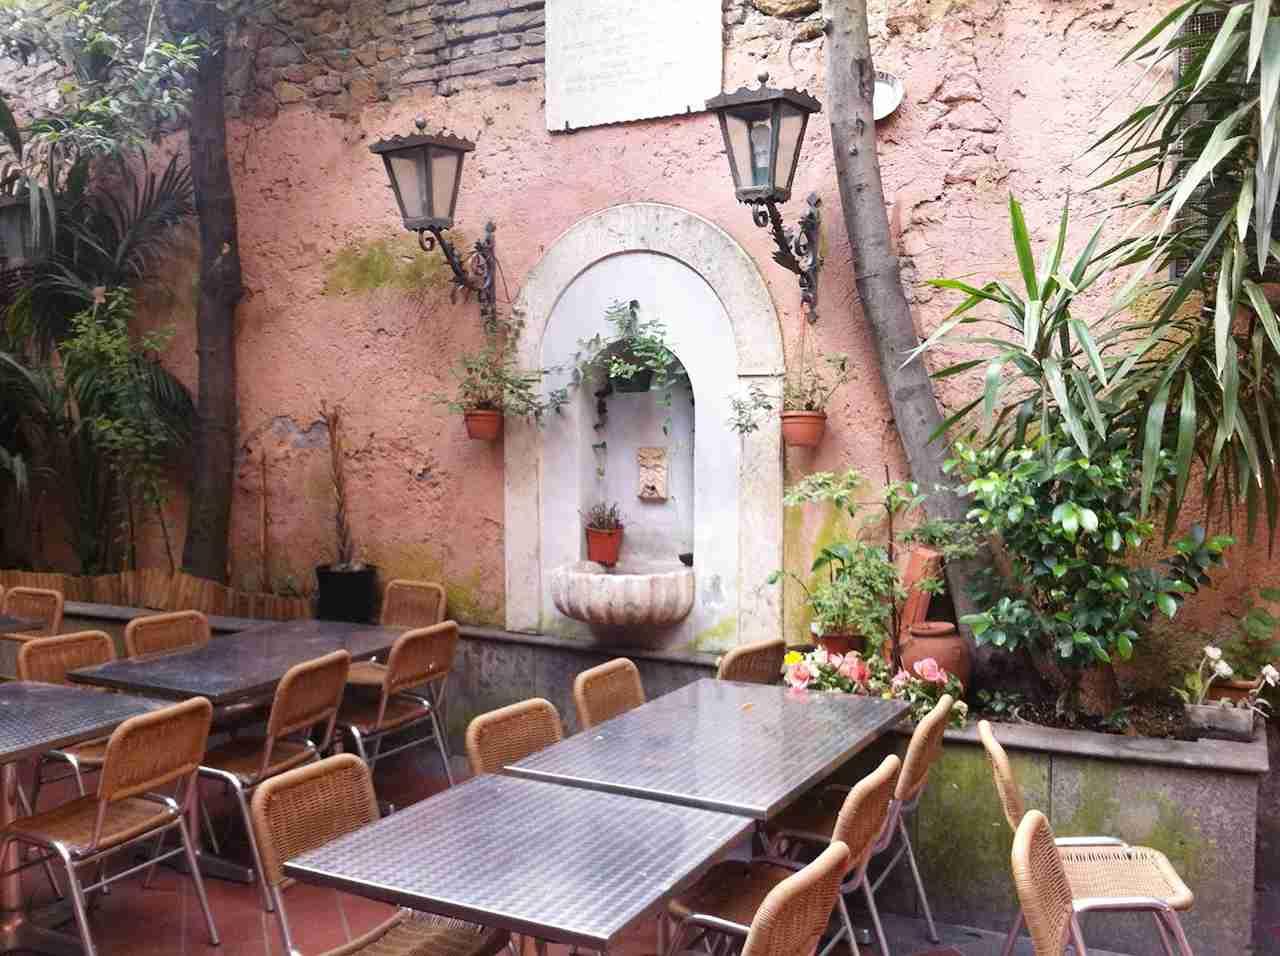 The outdoor patio of Checco er Carettiere Restaurant. (Photo courtesy of Checco er Carettiere)